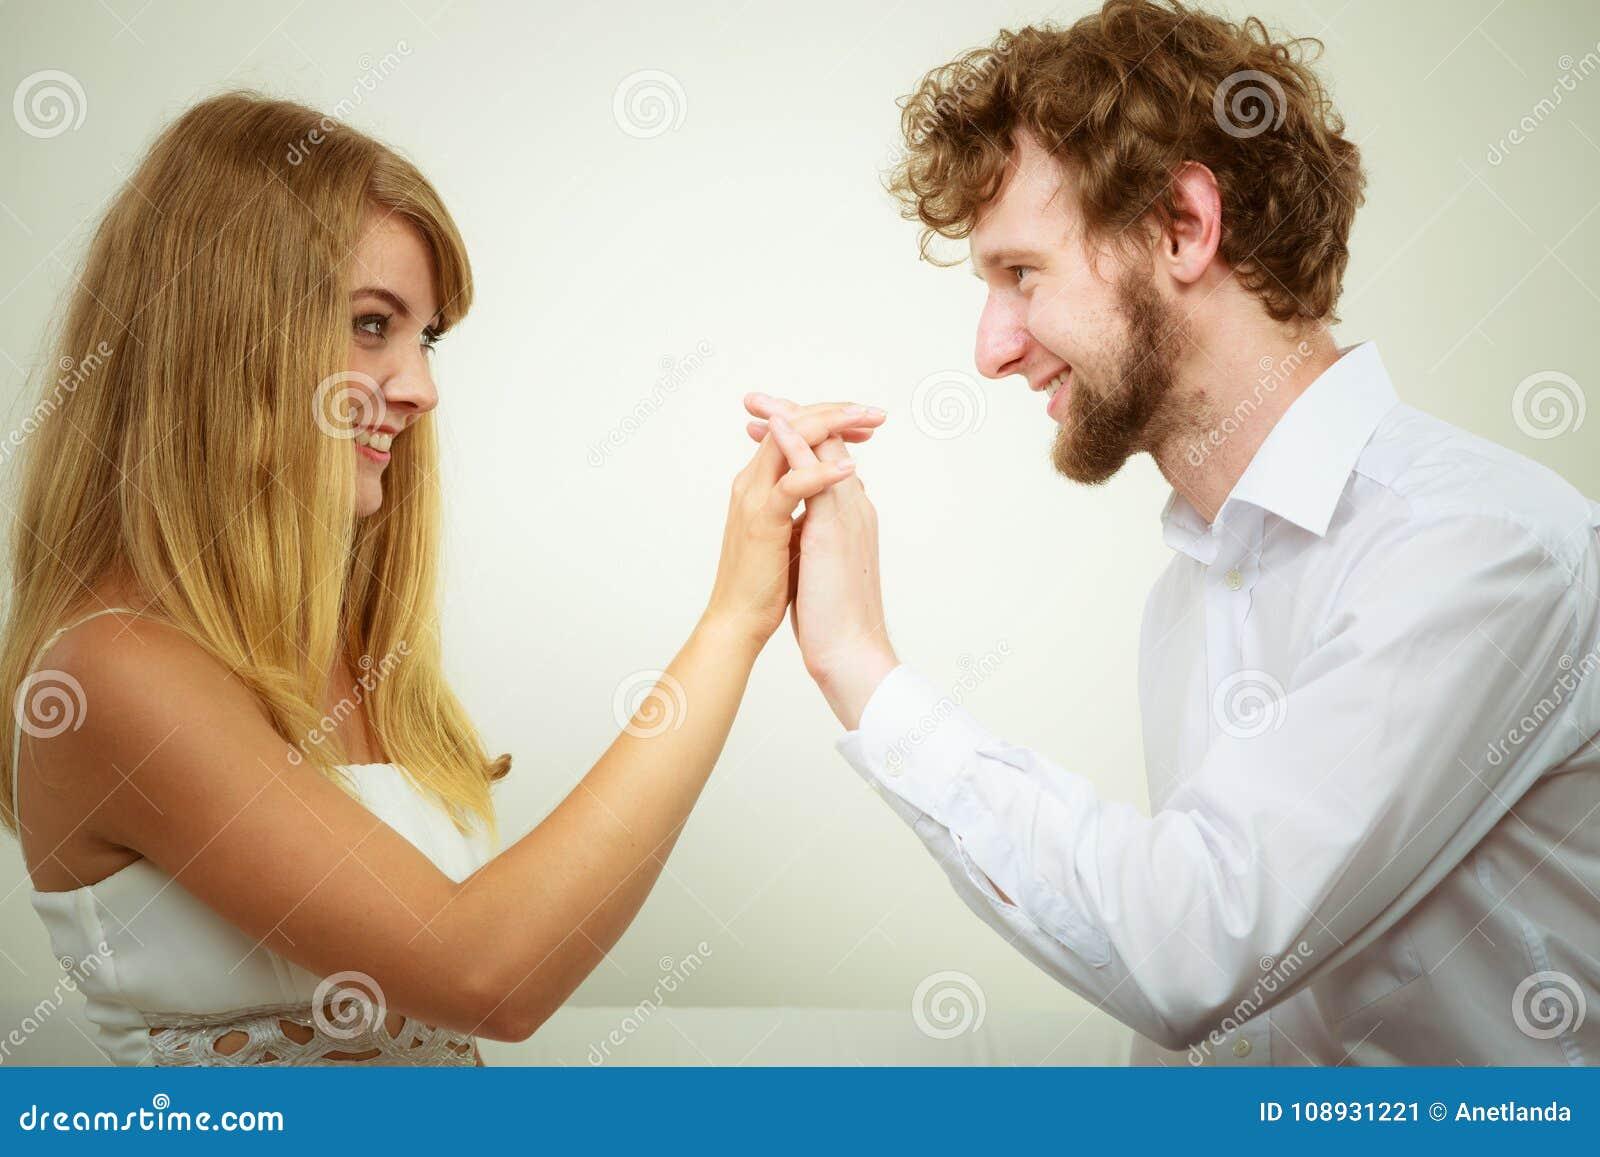 Men loving other men